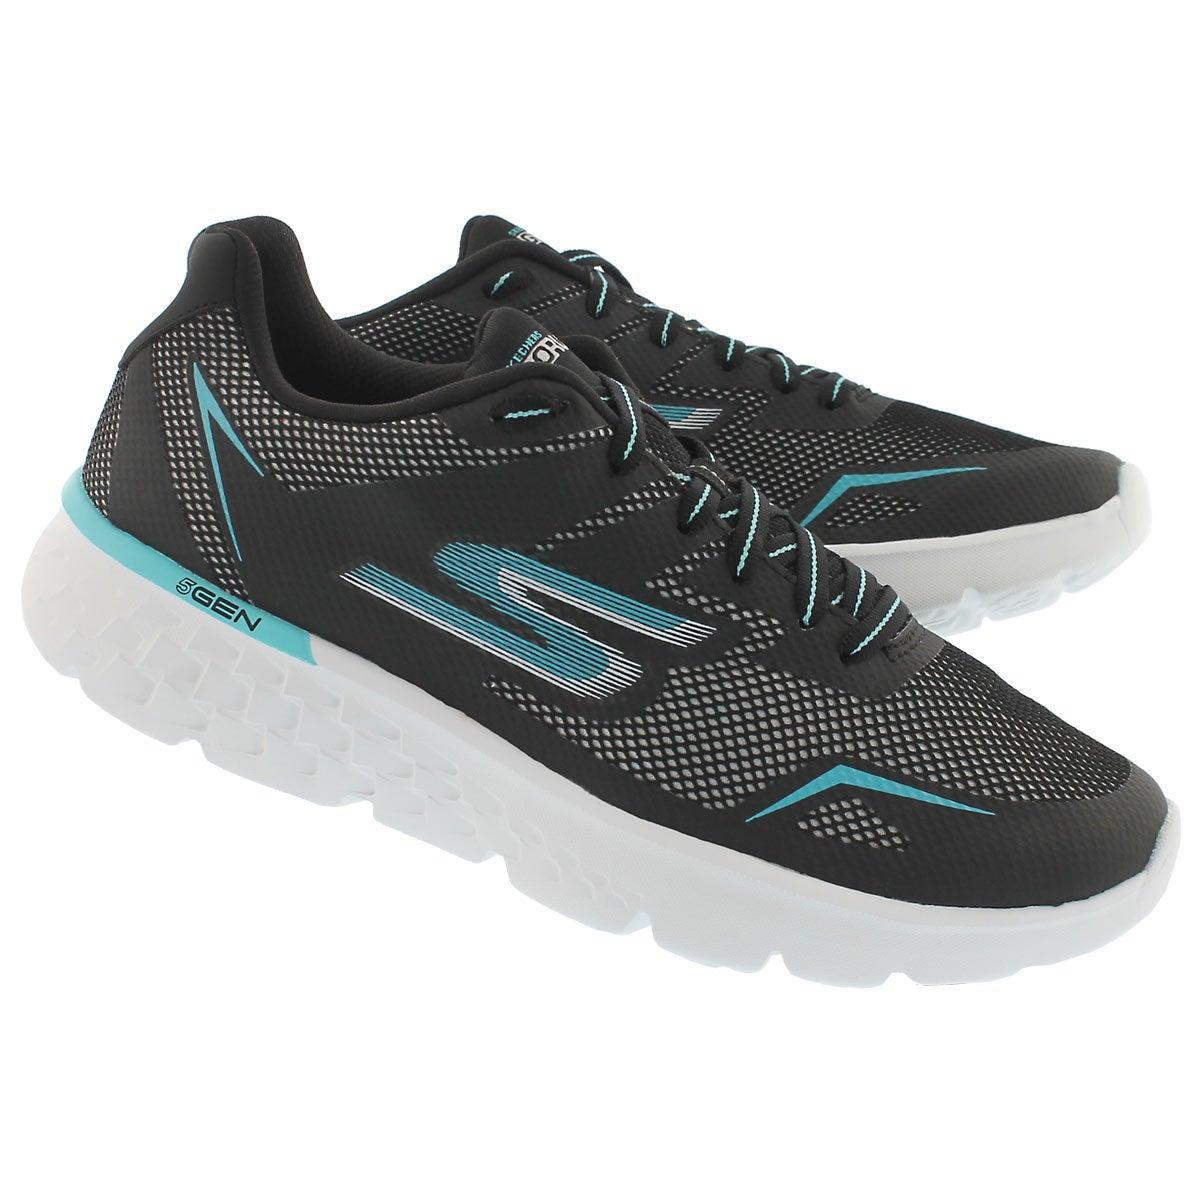 Lds GO Run 400 blk/aqua lace up sneaker